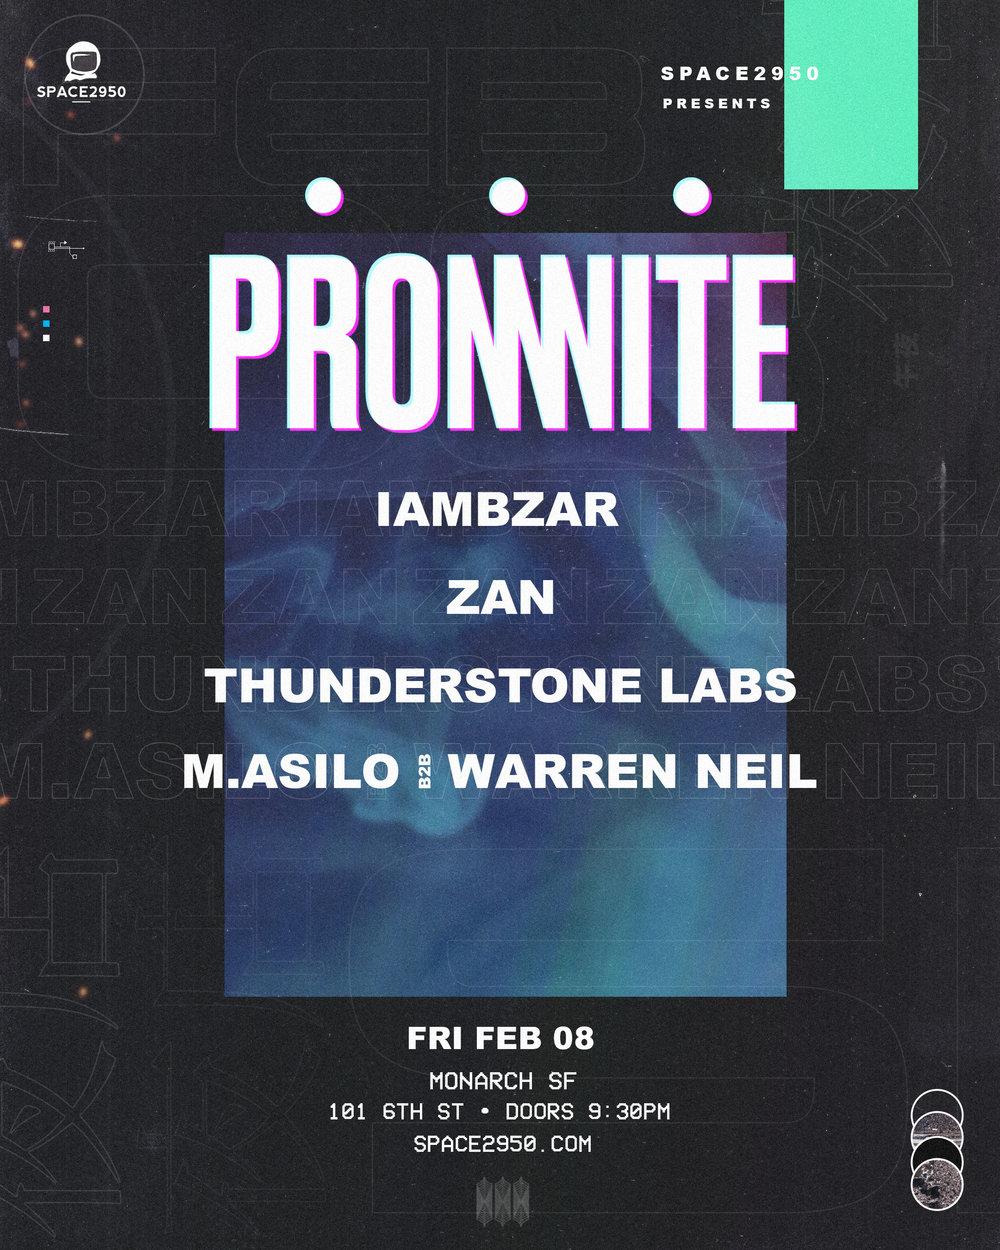 PROMNITE - Flyer (Full Res).jpg